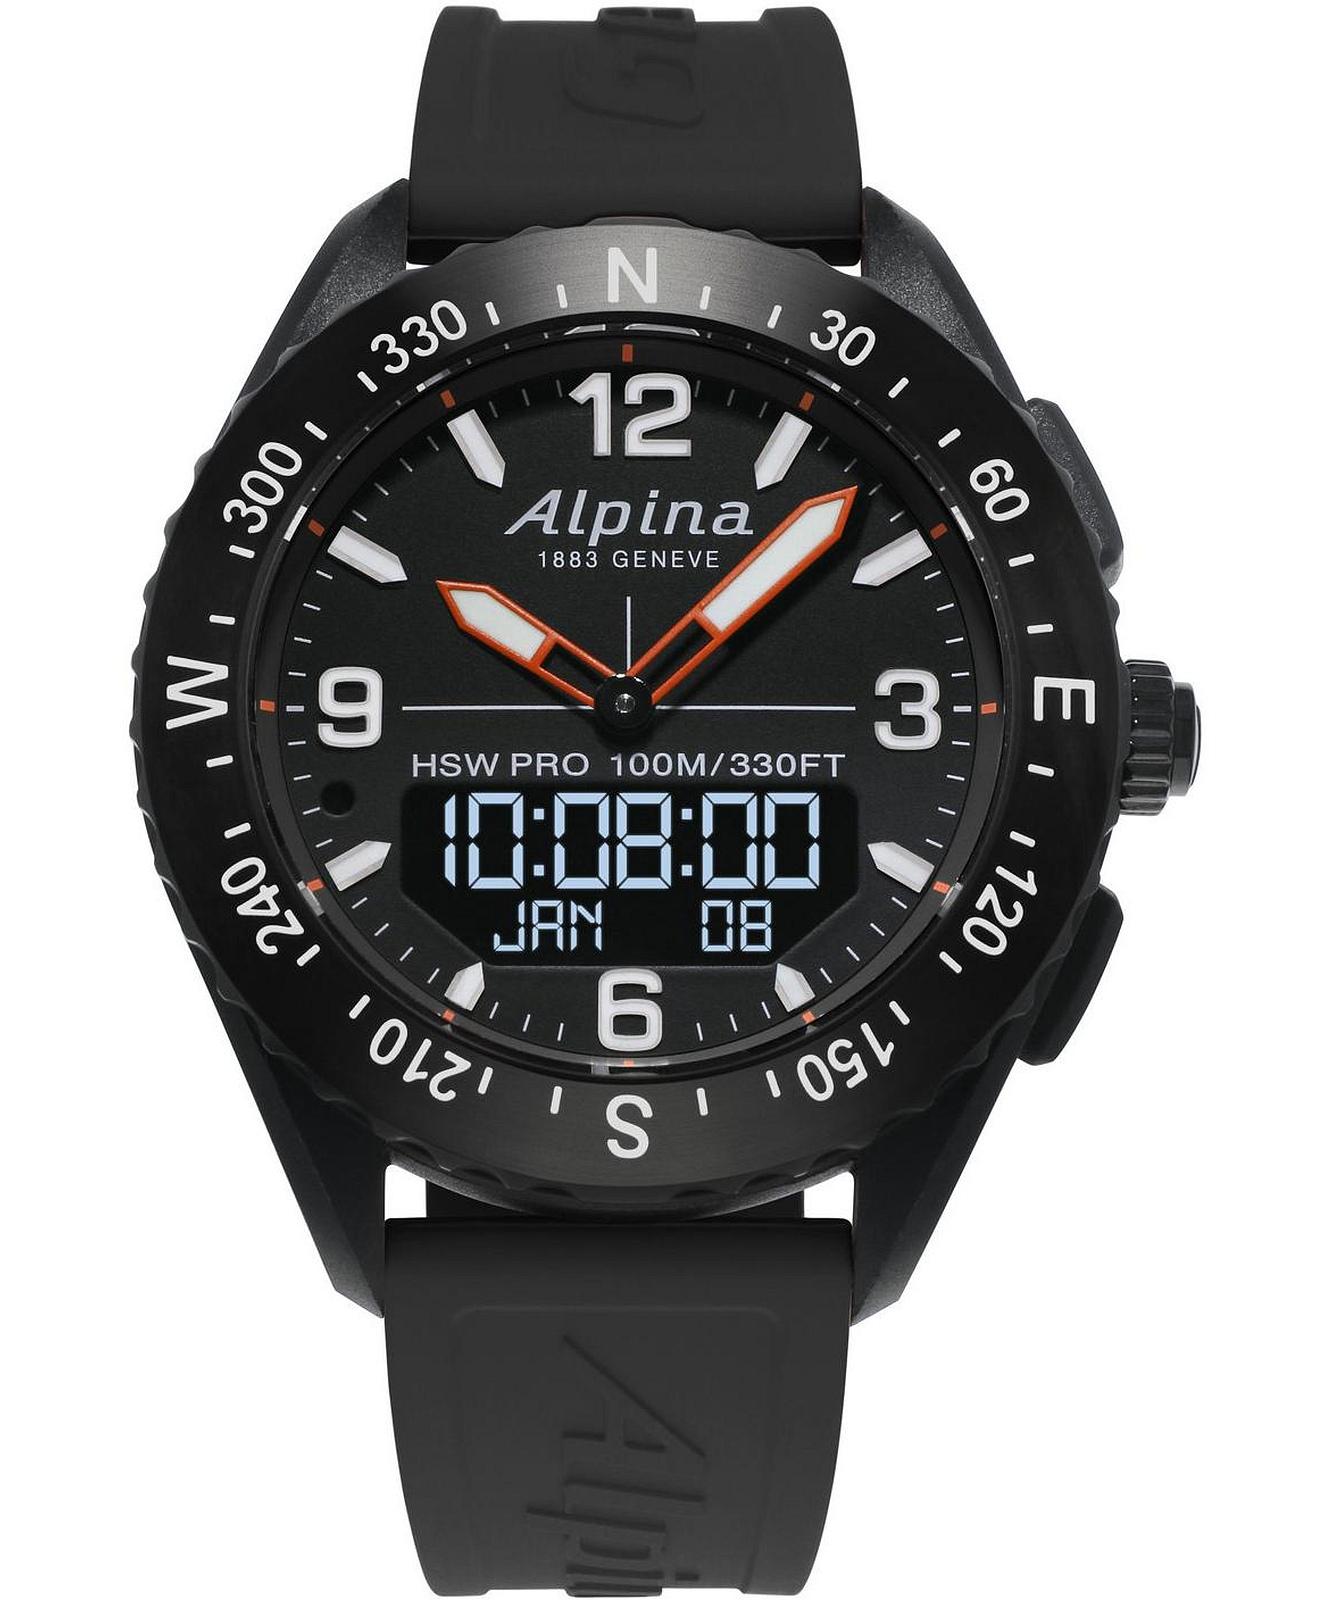 Zegarek męski Alpina AlpinerC Hybrid Smartwatch